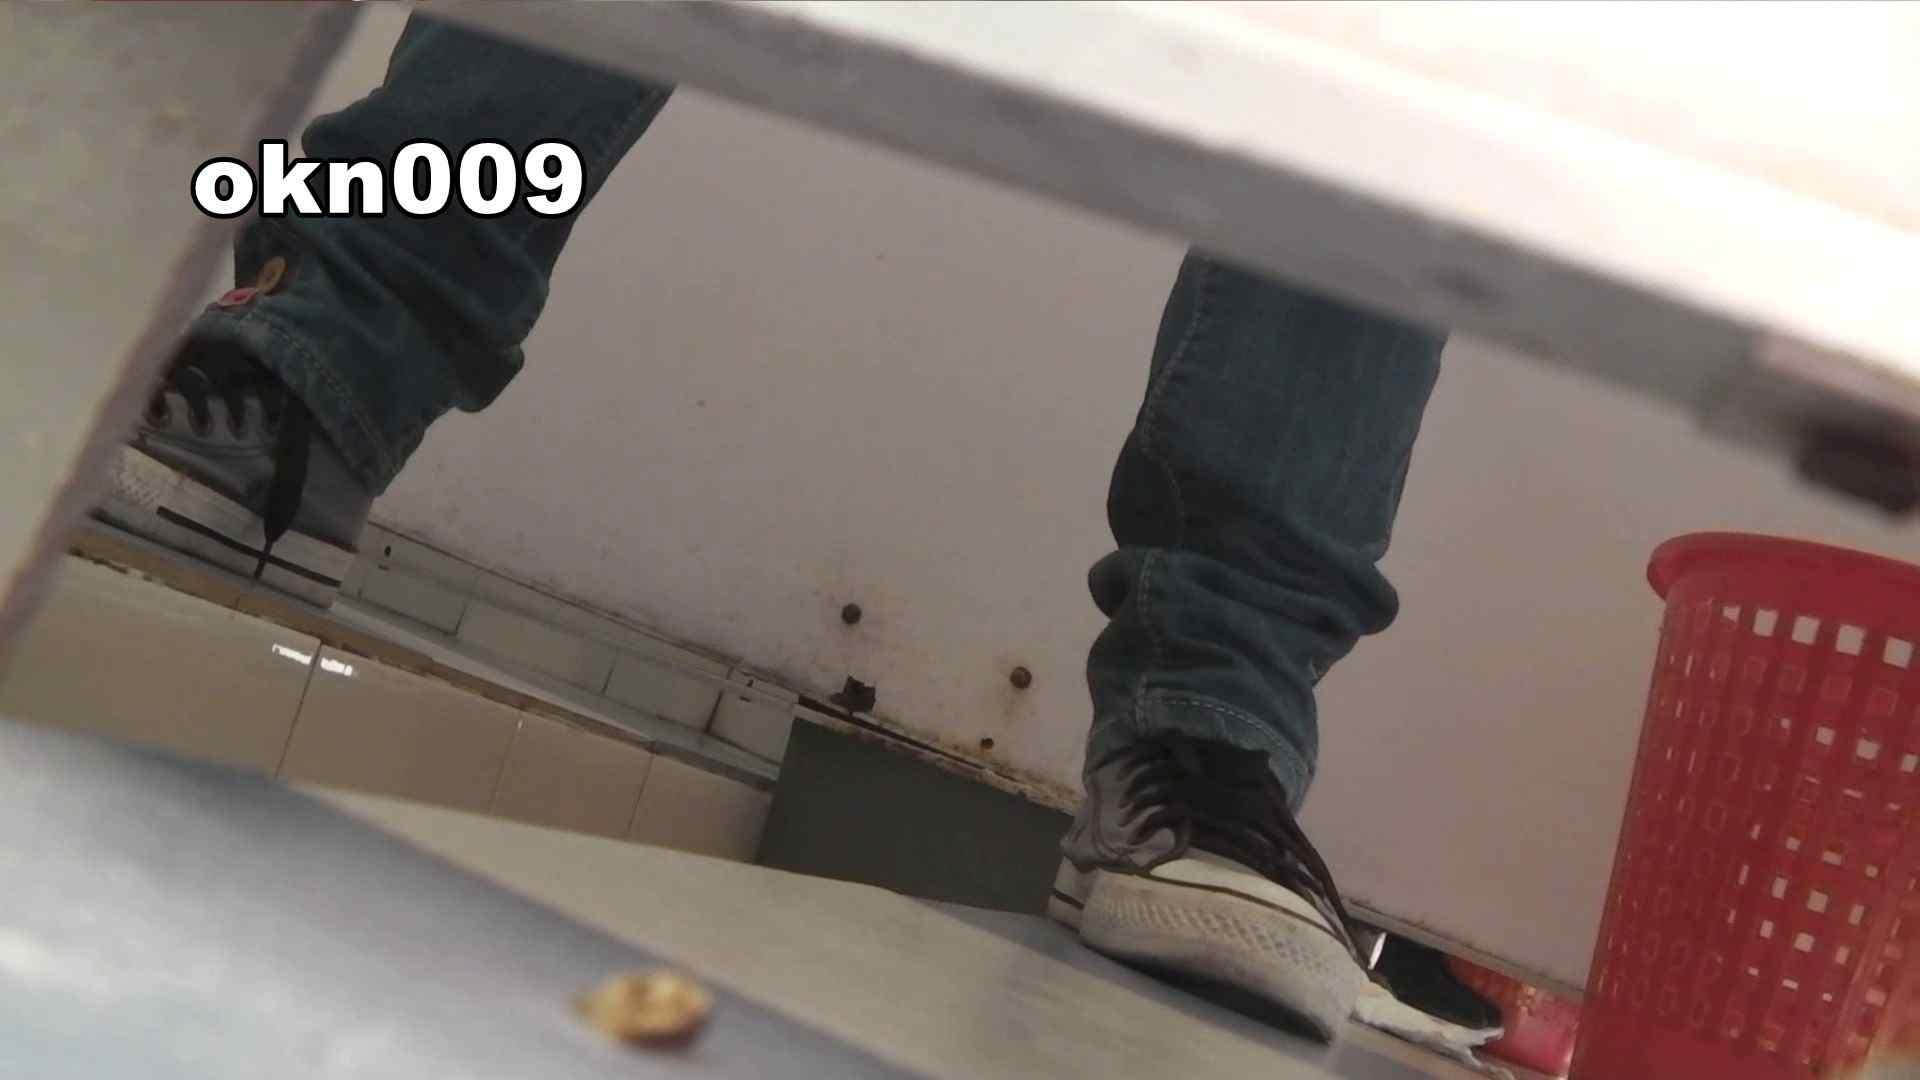 下からノゾム vol.009 リキンでモリアガった割にヒョロ 丸見え  109画像 80